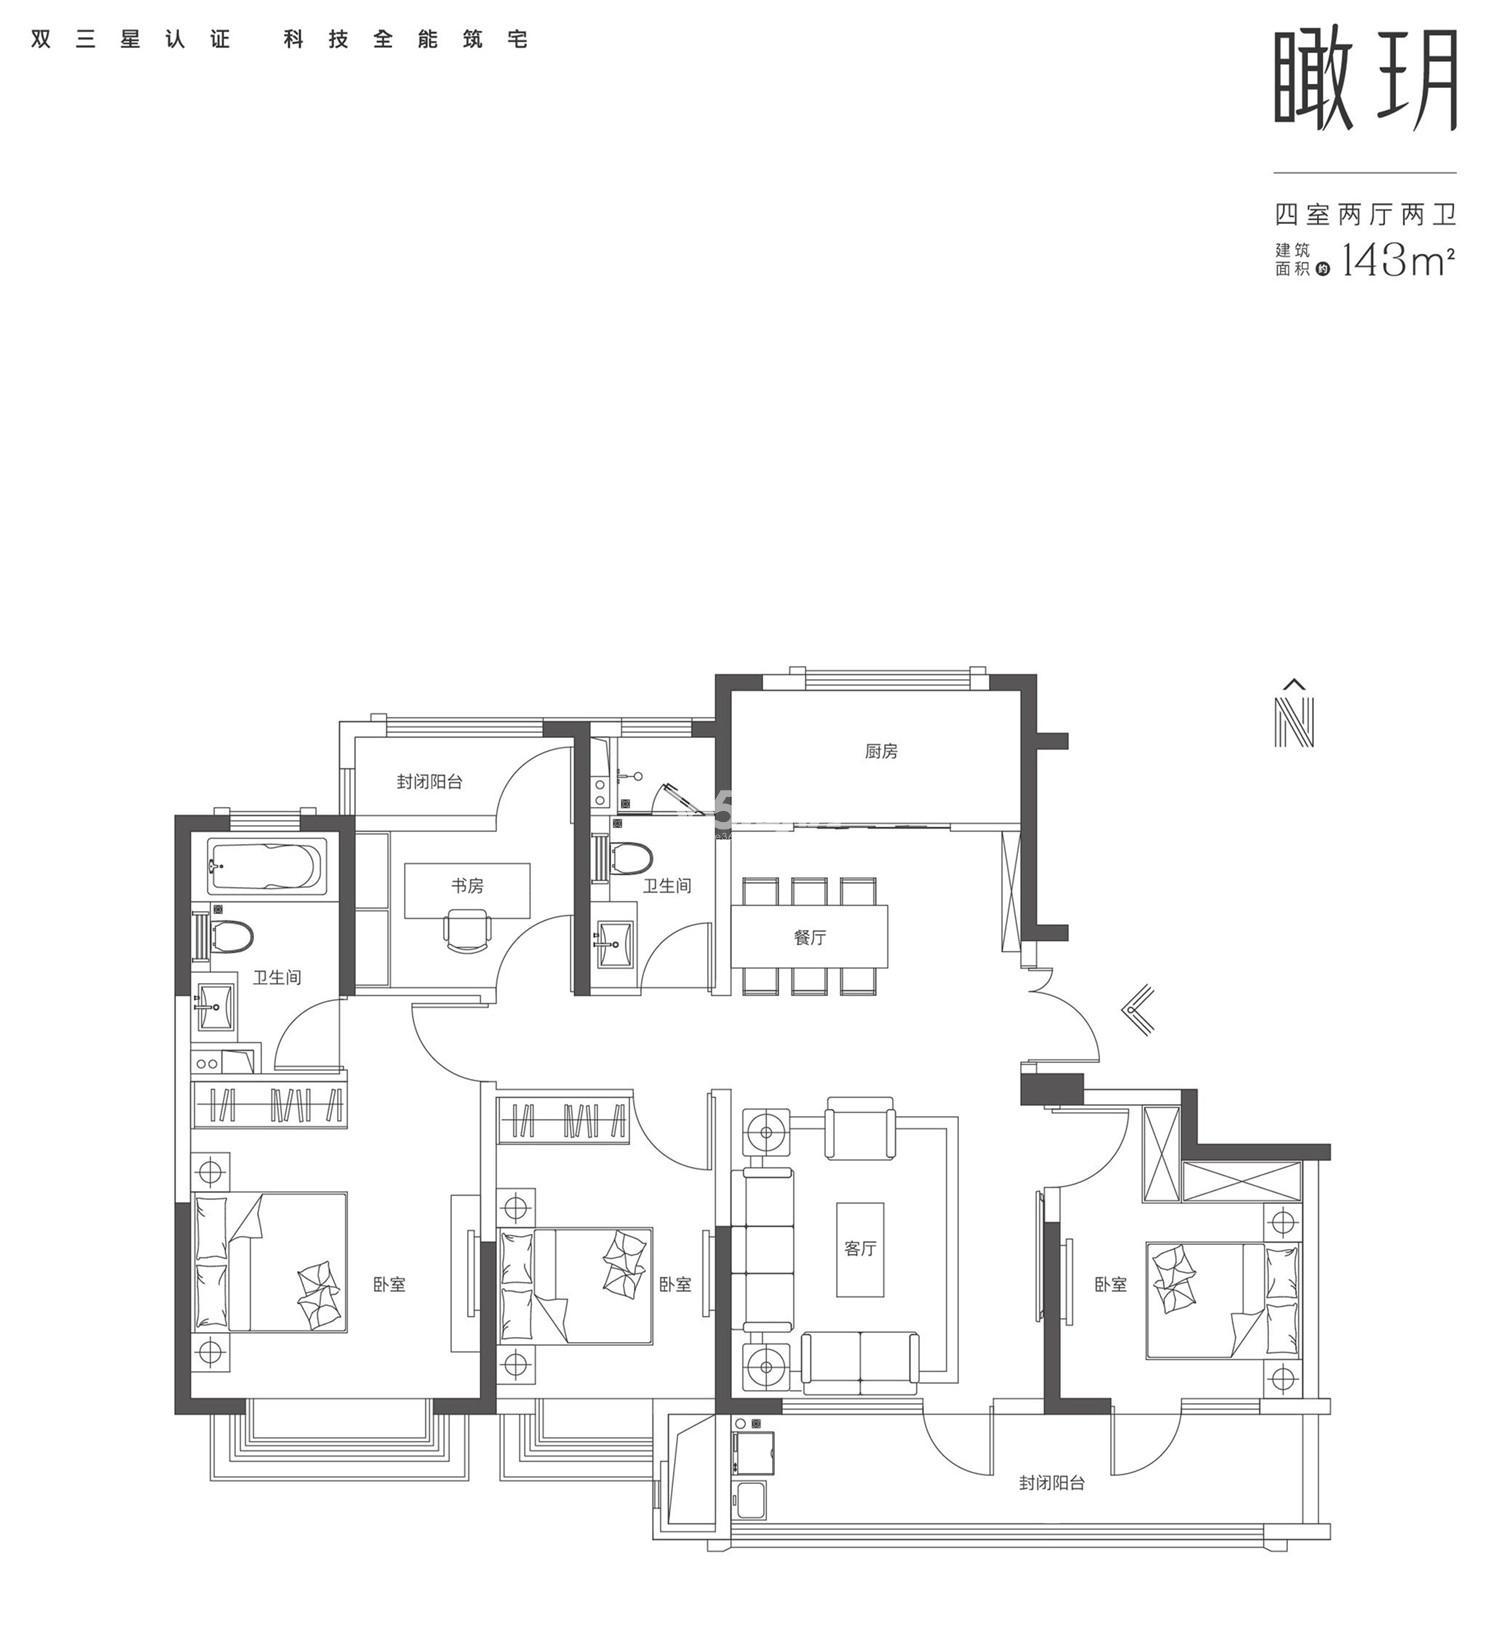 海玥华府143㎡户型图